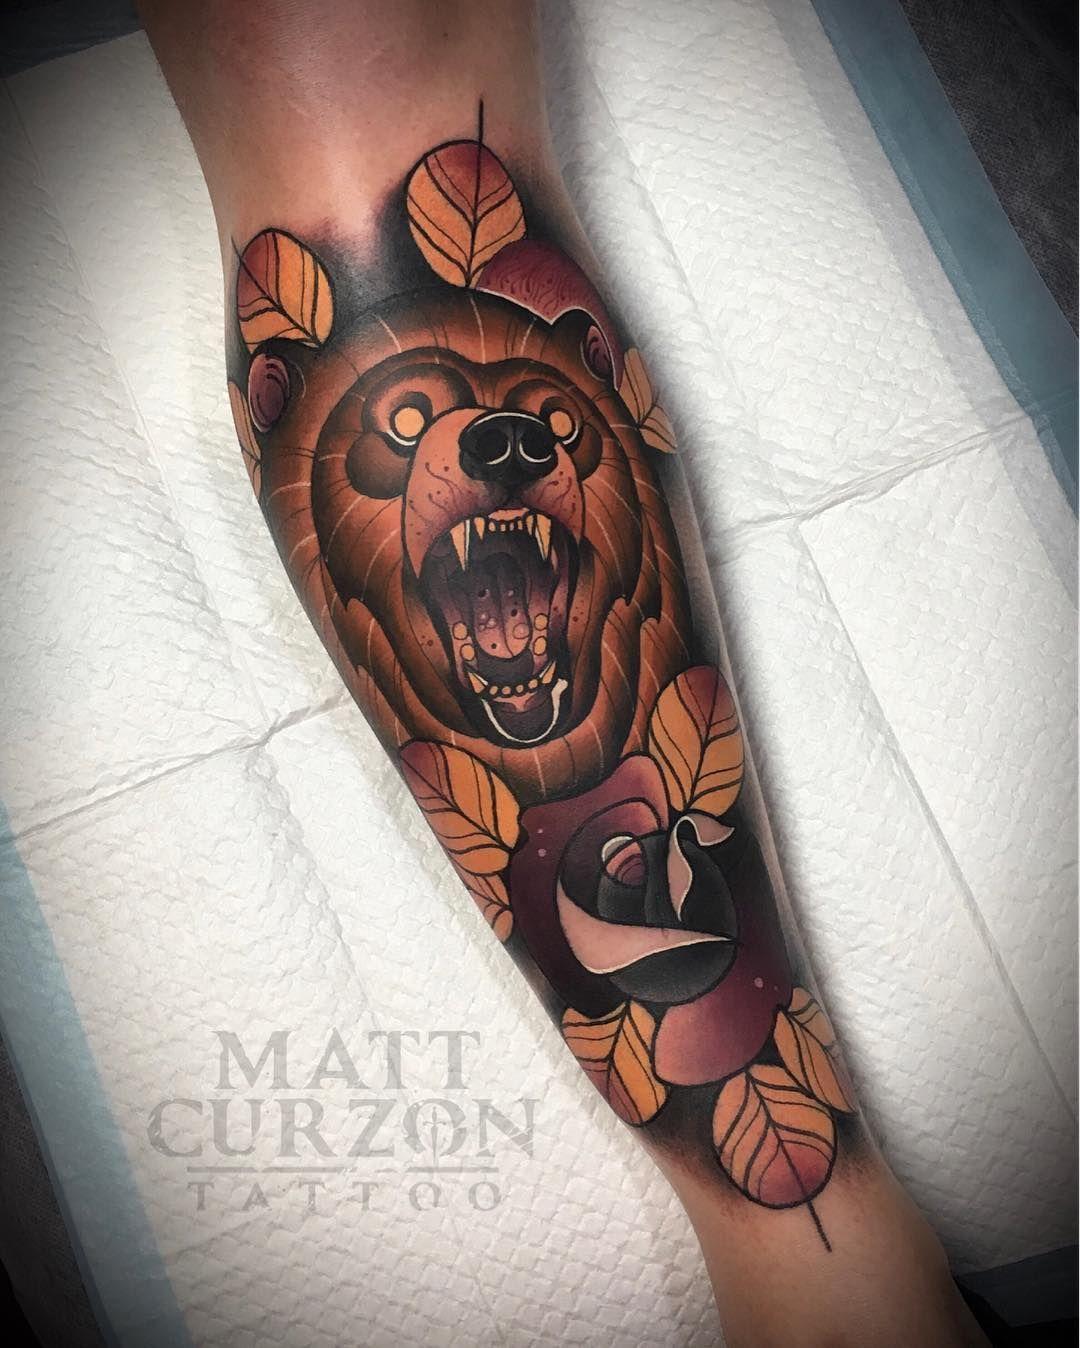 Color Tattoo By Matt From Black Sails Tattoo: Pin By Jacob Villanueva On Needles